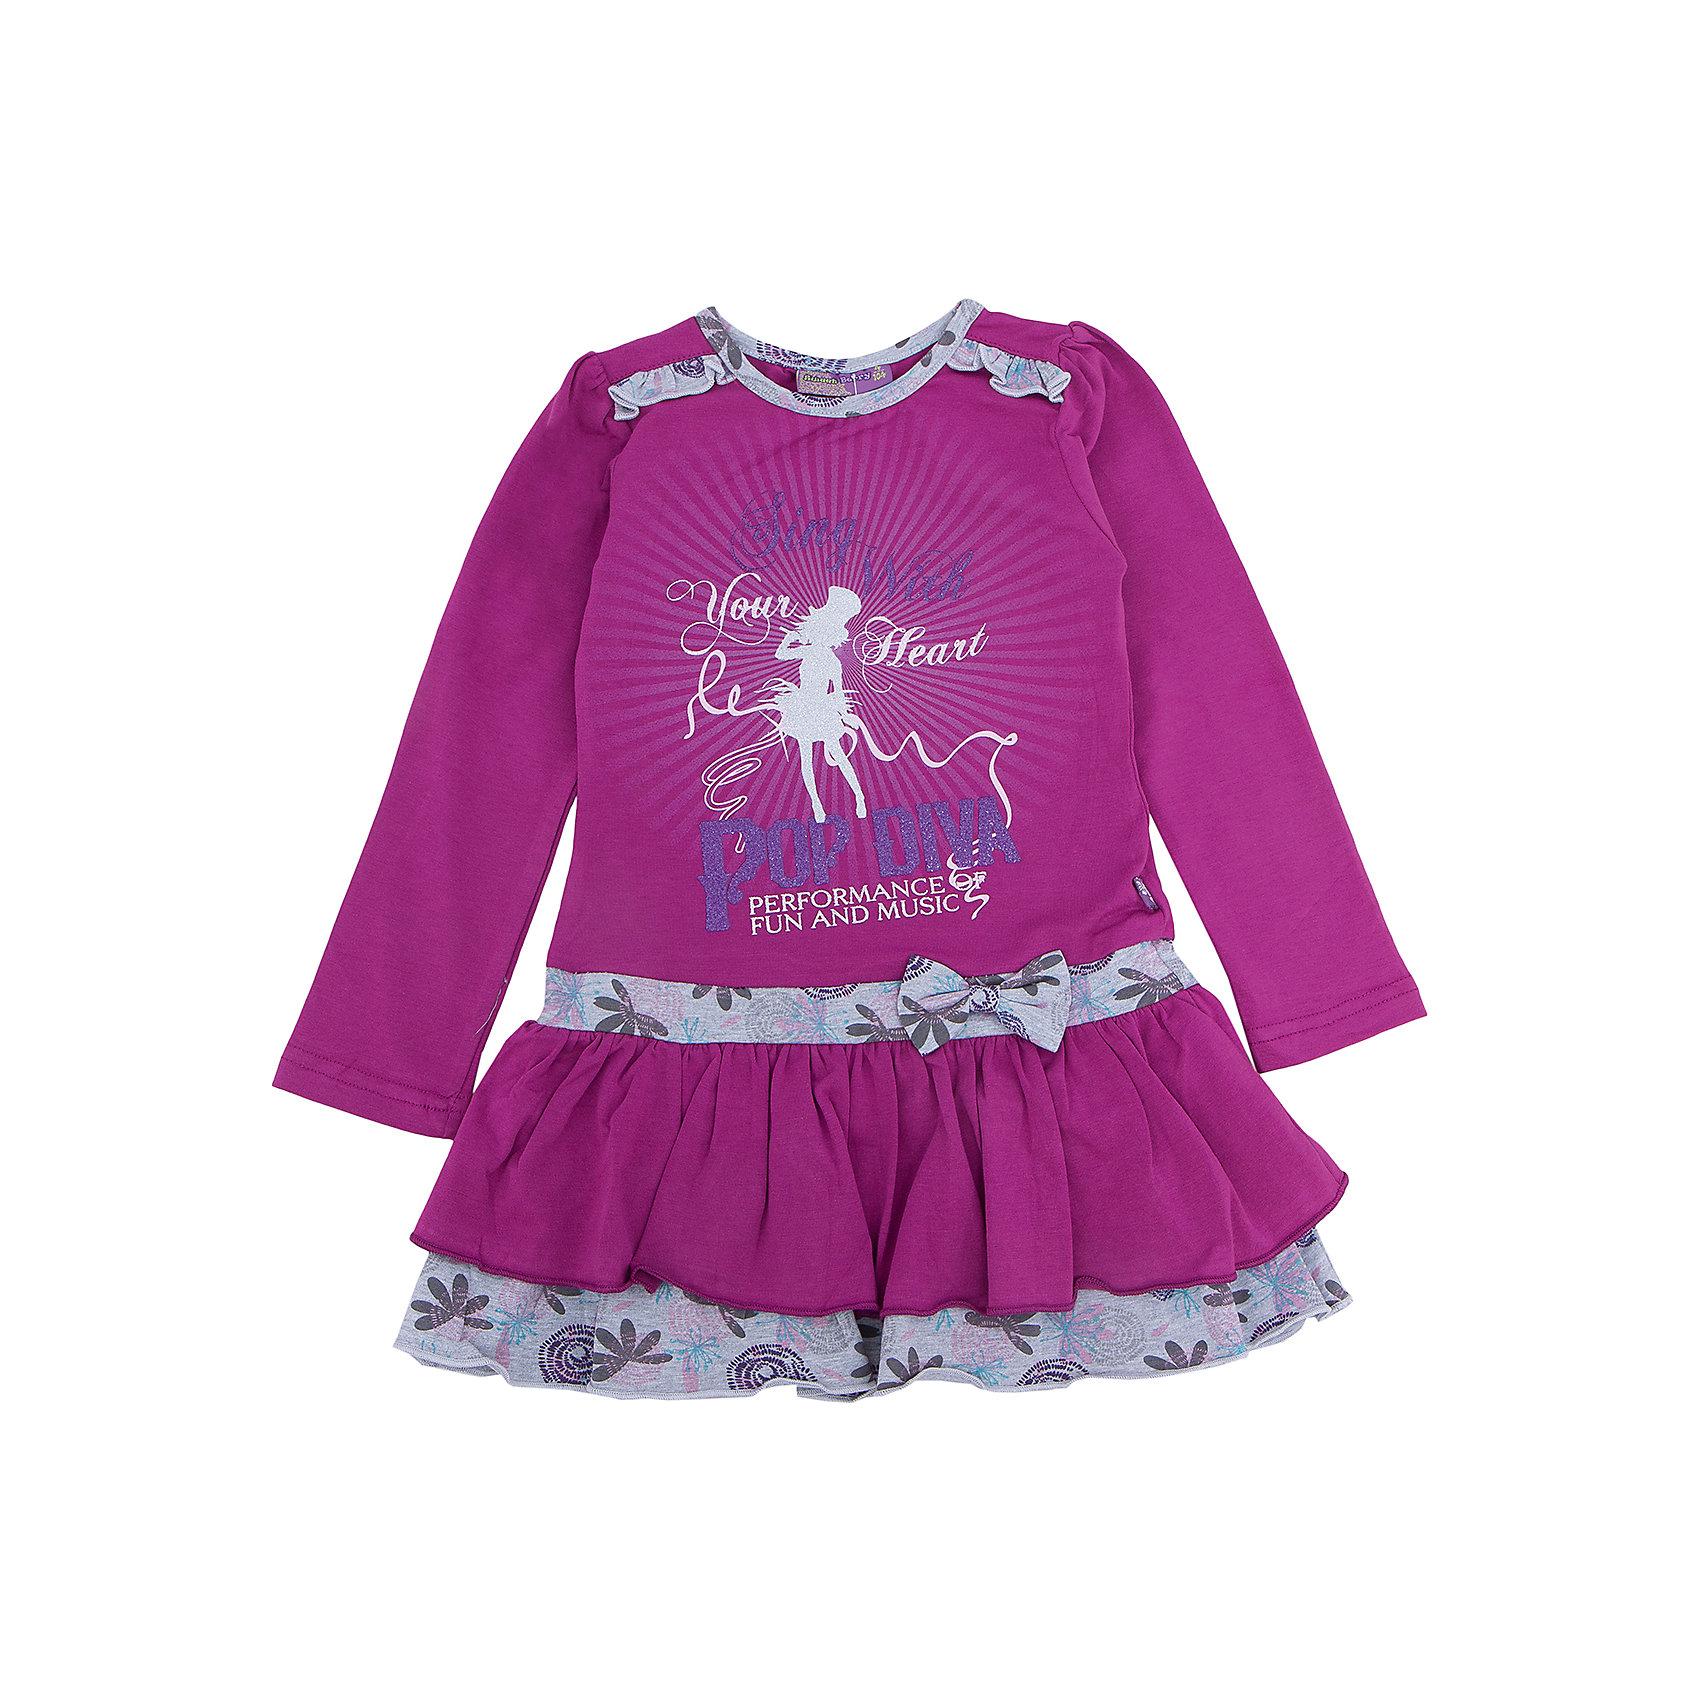 Платье для девочки Sweet BerryОсенне-зимние платья и сарафаны<br>Платье – типичная одежда для романтичного девчачьего образа. Трикотажное платье – универсальный вариант для прогулки, похода в гости и просто наряда для выходного дня. Веселый принт, привлекающий внимание, делает платье заметным, а нежные цвета успокаивают вещь. Оригинальности модели добавляют воланы на юбке и контрастные длинные рукава, которые защитят от холода руки малышки. Материалы, использованные при изготовлении одежды, полностью безопасны для детей и отвечают всем требованиям по качеству продукции данной категории.<br><br>Дополнительная информация: <br><br>модный принт;<br>воланы на юбке, рюши;<br>цвет: лиловый;<br>материал: хлопок 95%, эластан 5%.<br><br>Платье для девочки от компании Sweet Berry можно приобрести в нашем магазине.<br><br>Ширина мм: 236<br>Глубина мм: 16<br>Высота мм: 184<br>Вес г: 177<br>Цвет: фиолетовый<br>Возраст от месяцев: 24<br>Возраст до месяцев: 36<br>Пол: Женский<br>Возраст: Детский<br>Размер: 98,104,110,116,122,128<br>SKU: 4931785